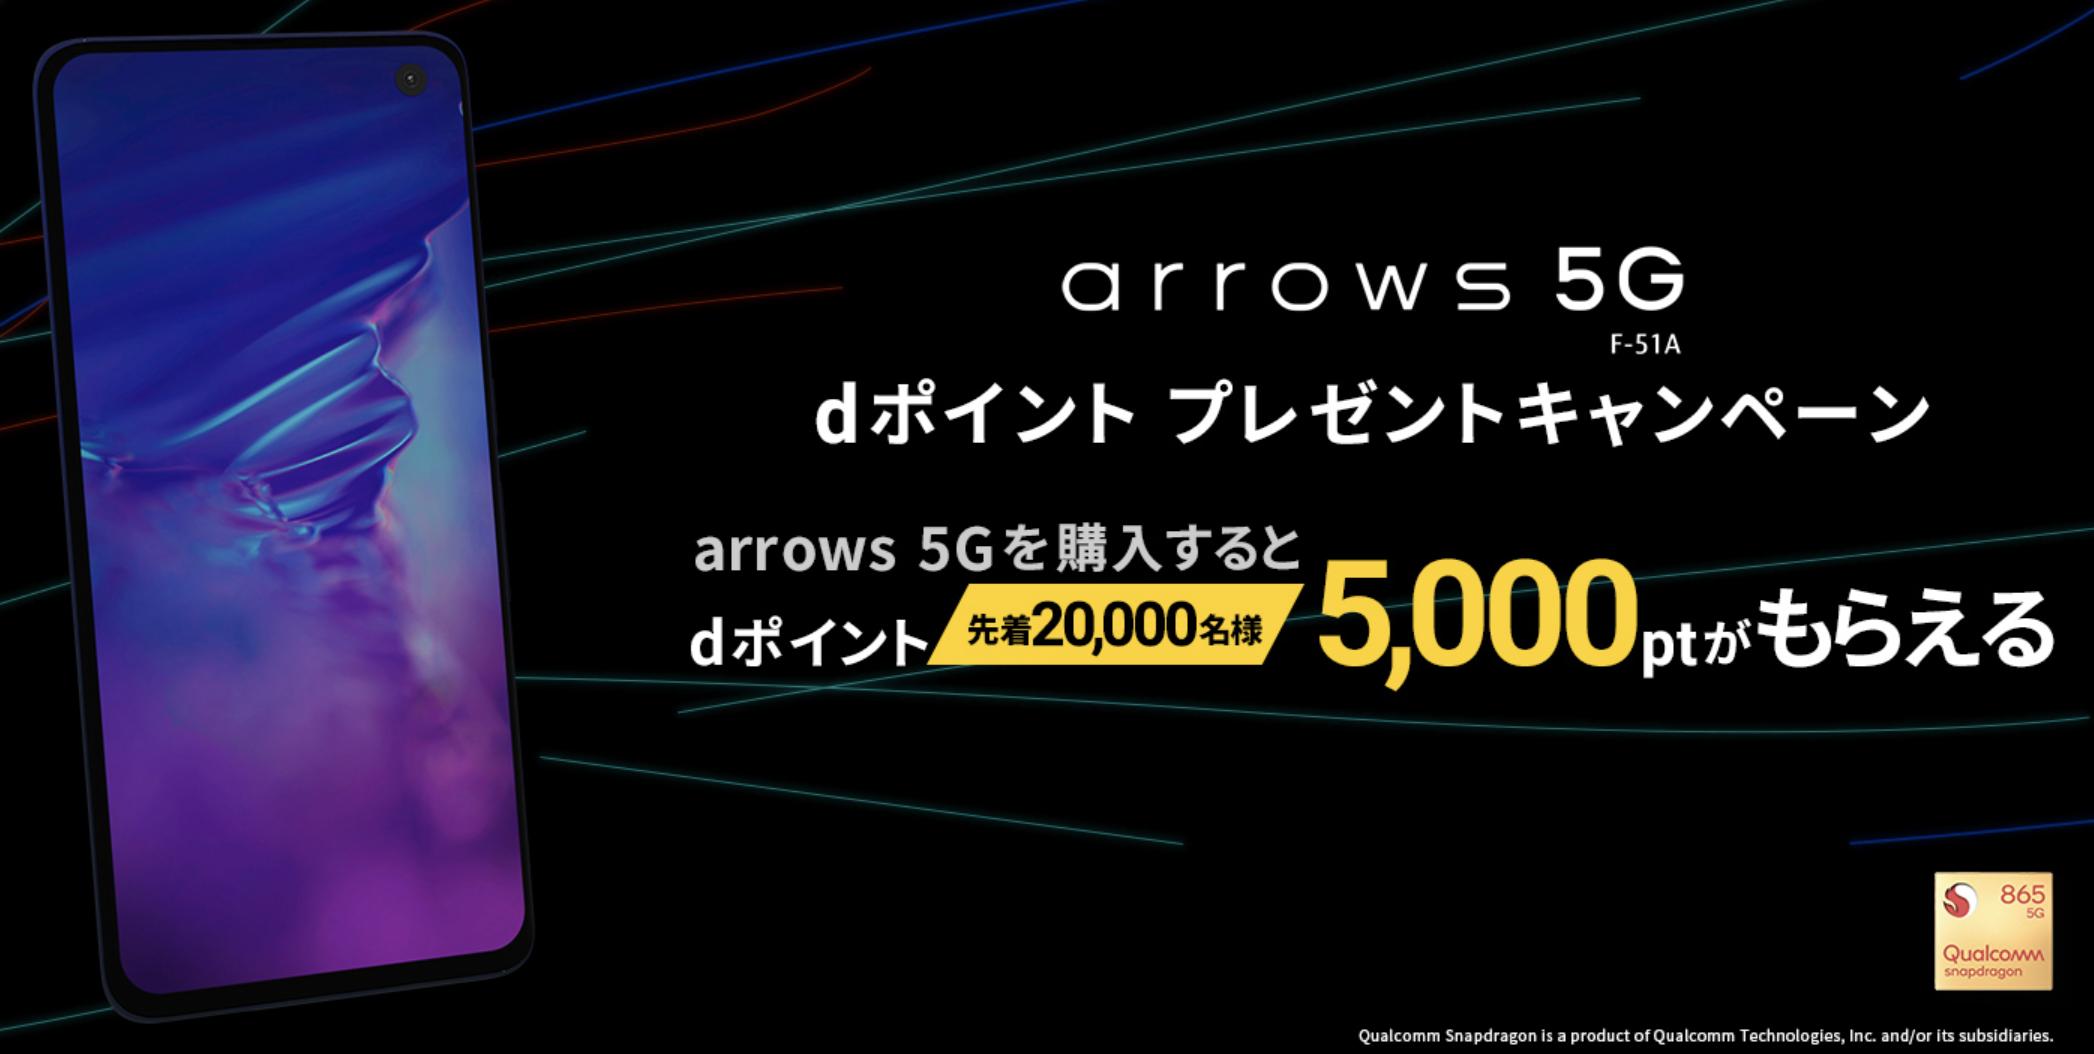 ドコモオンラインショップ_機種変更_流れ_キャンペーン_arrows 5G dポイントプレゼントキャンペーン